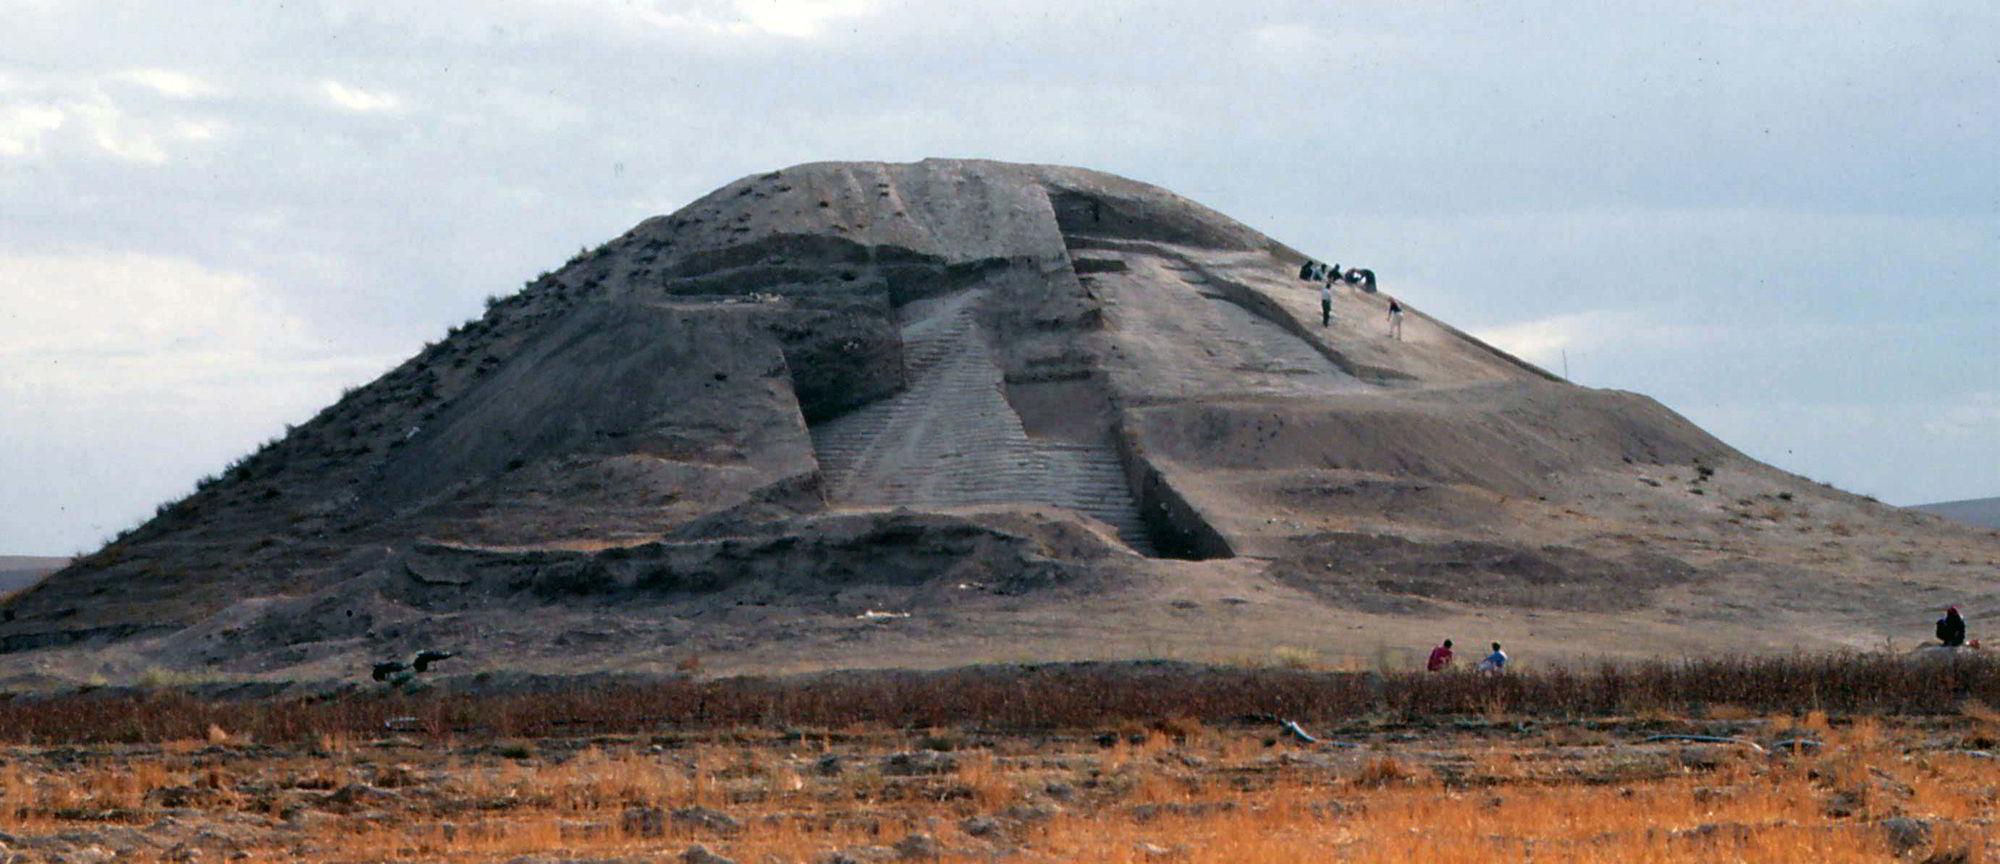 Misterioso túmulo en Siria podría ser el monumento de guerra más antiguo del mundo